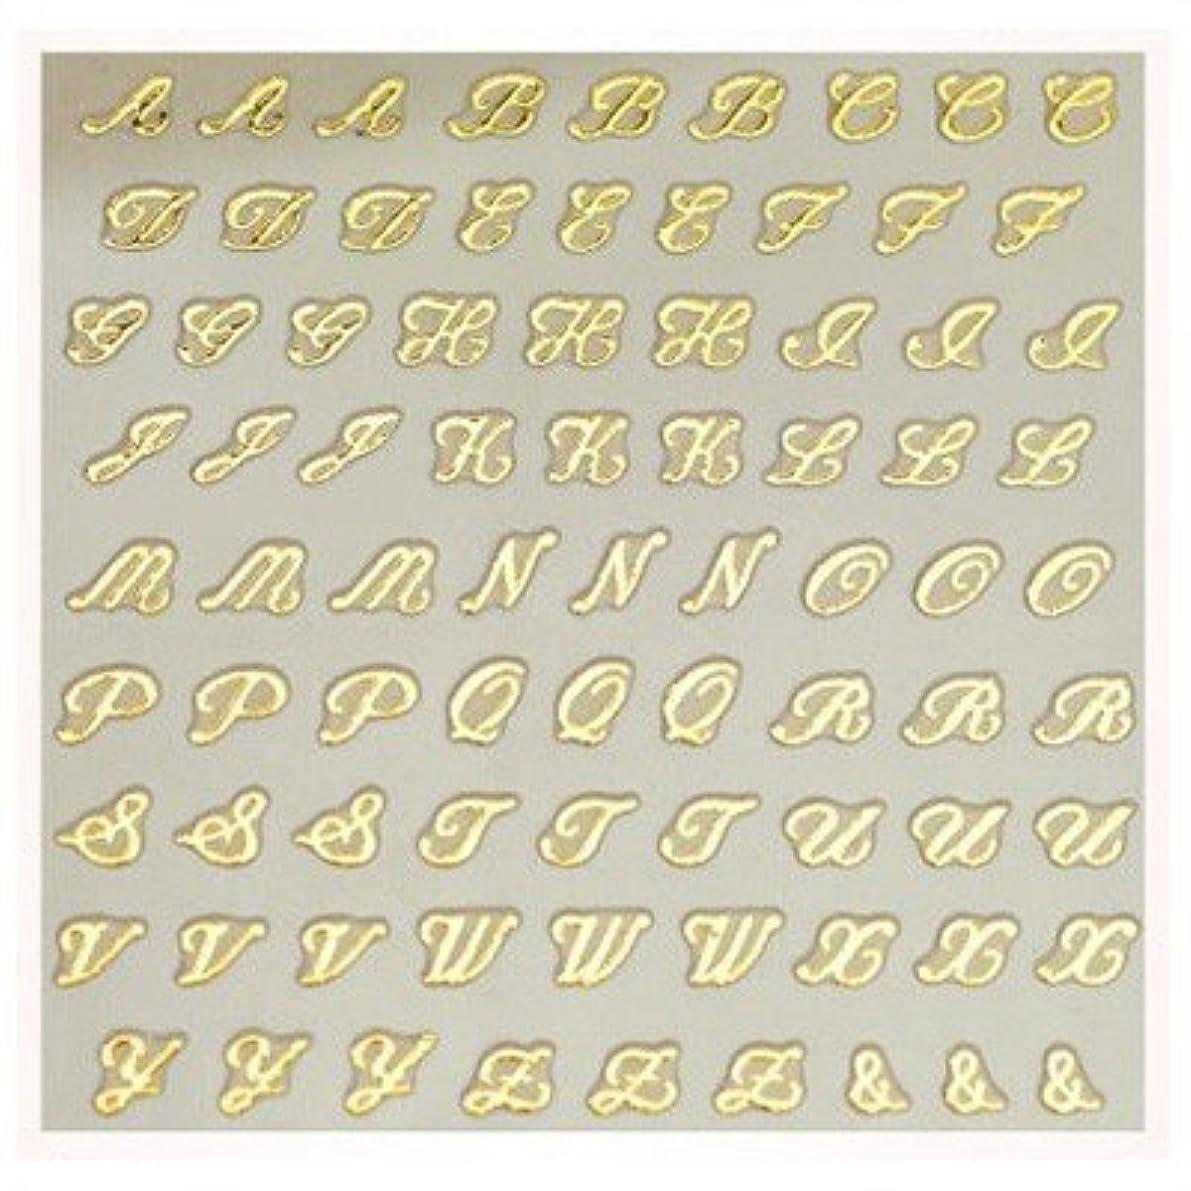 ビスケット宣伝マッサージ文字ネイルシール アルファベット イニシャル ピアドラ pieadra×BLC ネイルシール ブローチイニシャル 小 ゴールド